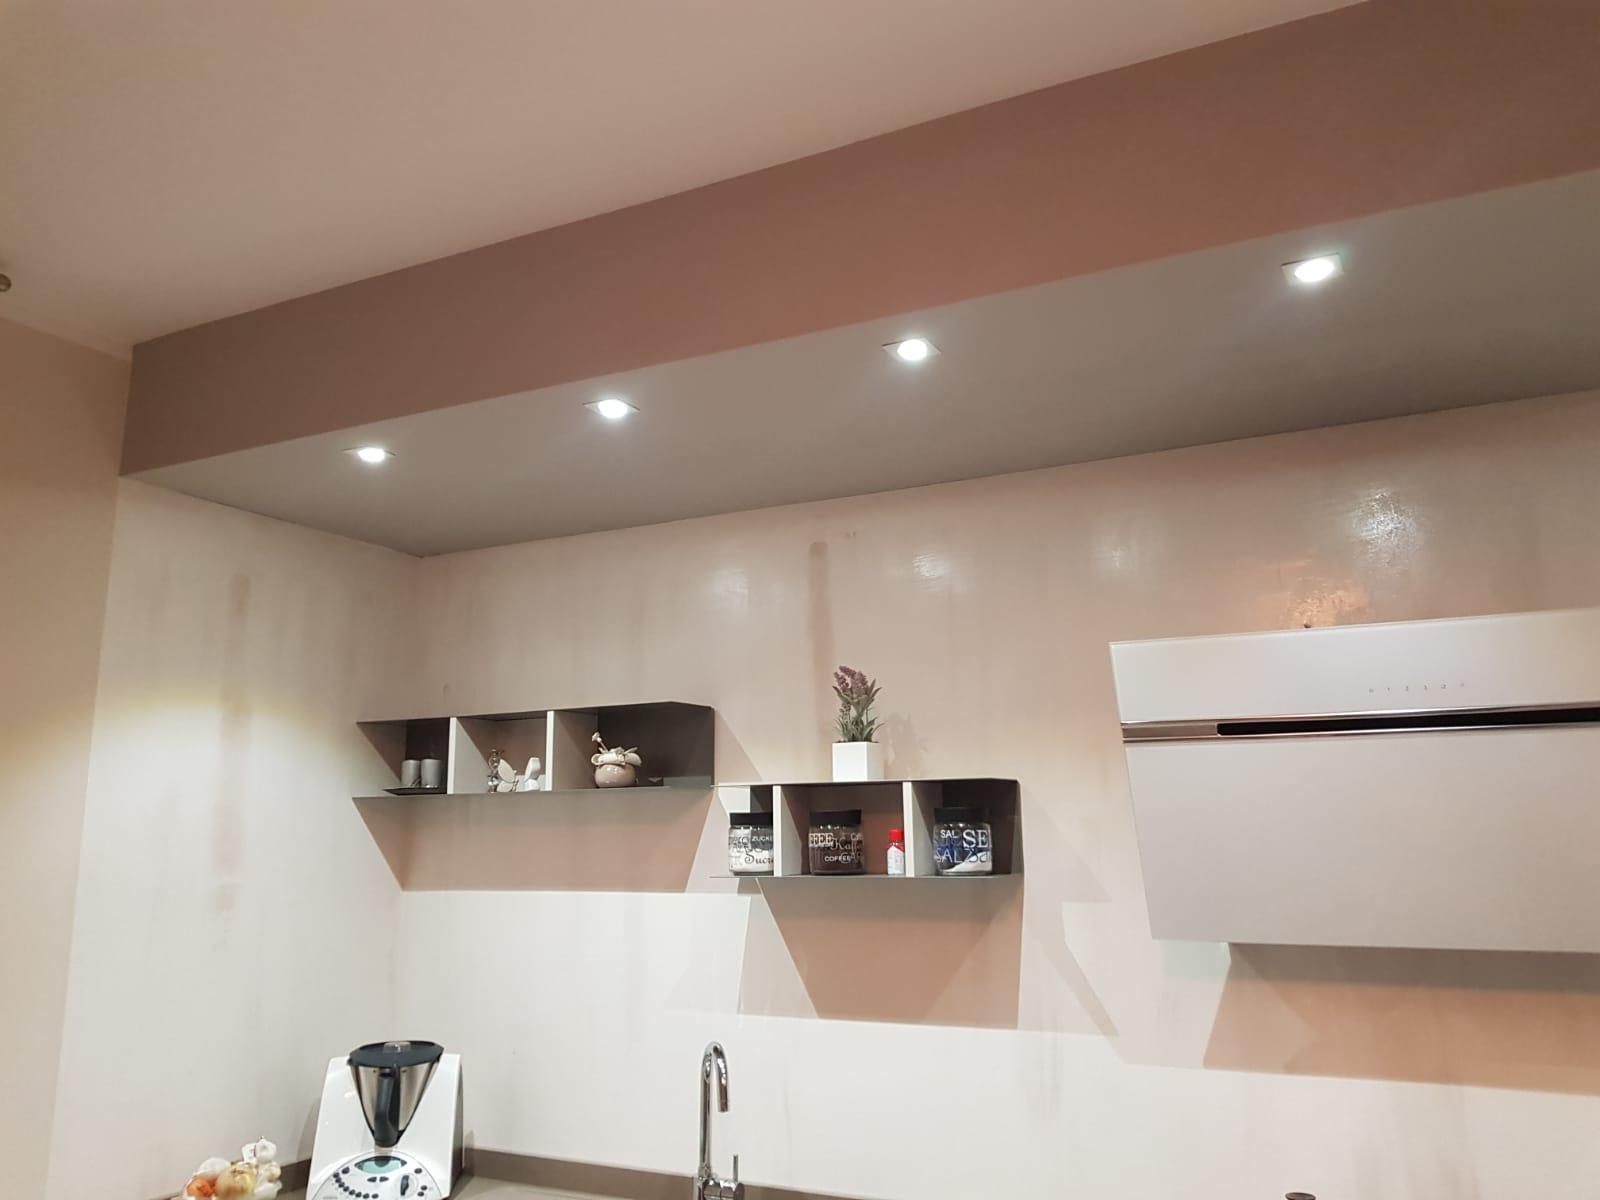 cucina parete edil 900 costruzioni canossa val d'enza reggio emilia parma